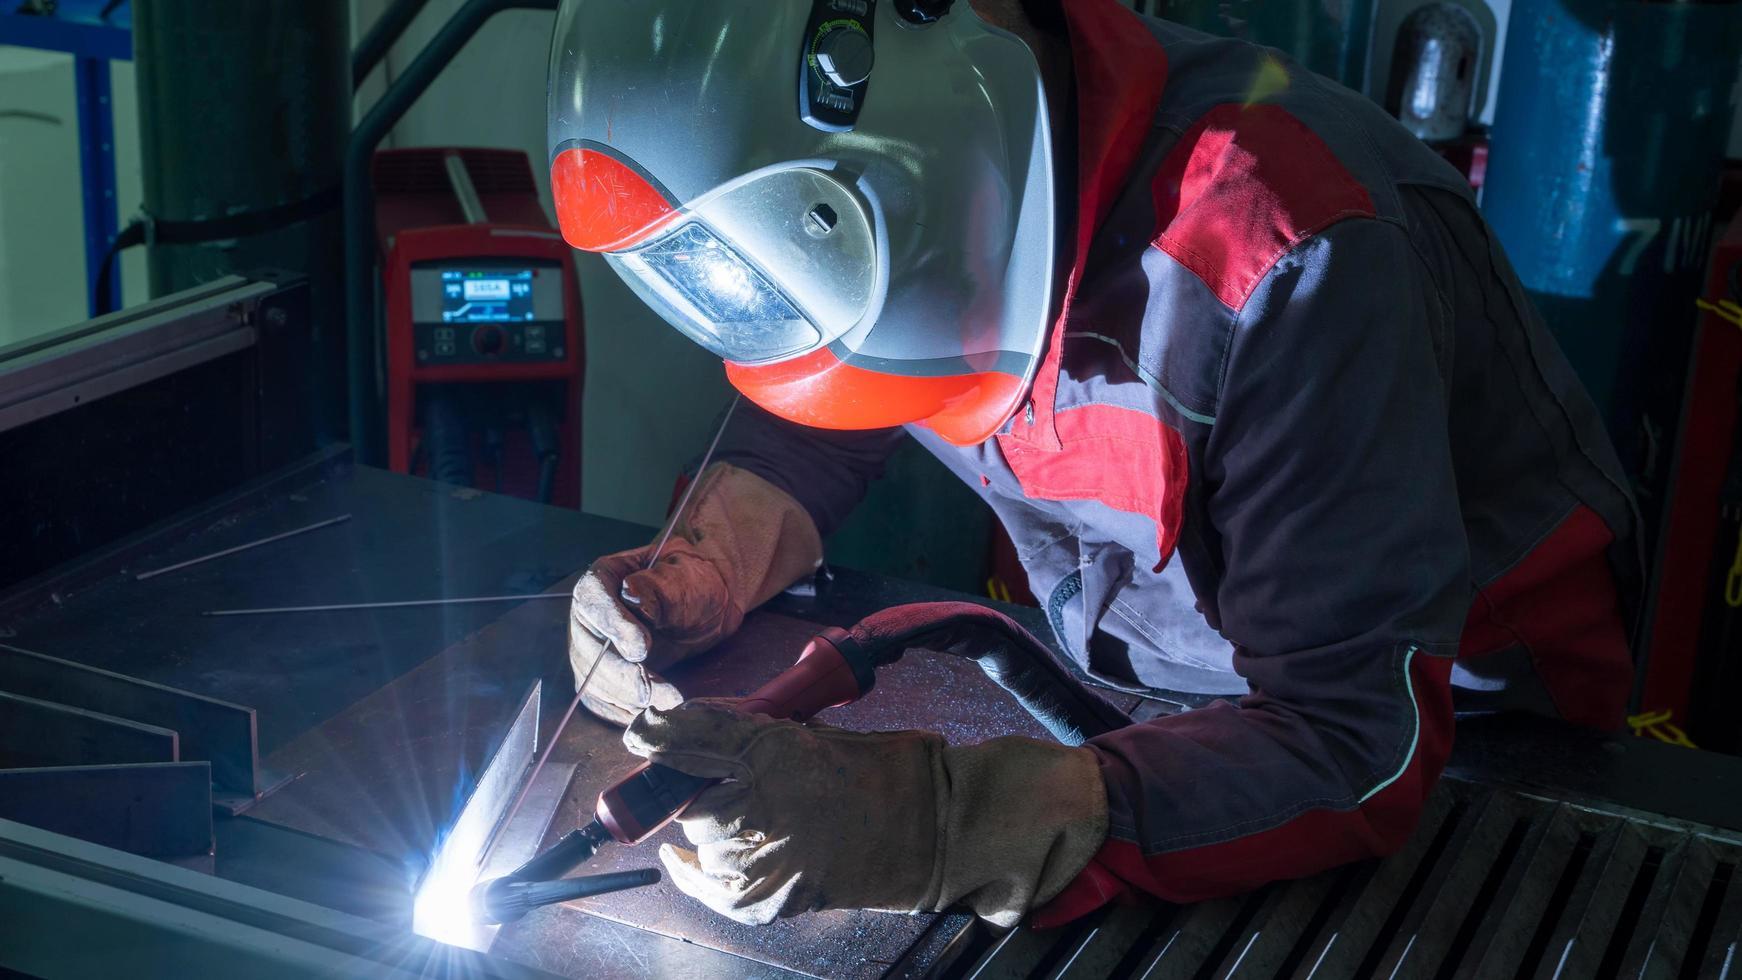 saldatura di acciaio inossidabile con gas inerte al tungsteno foto